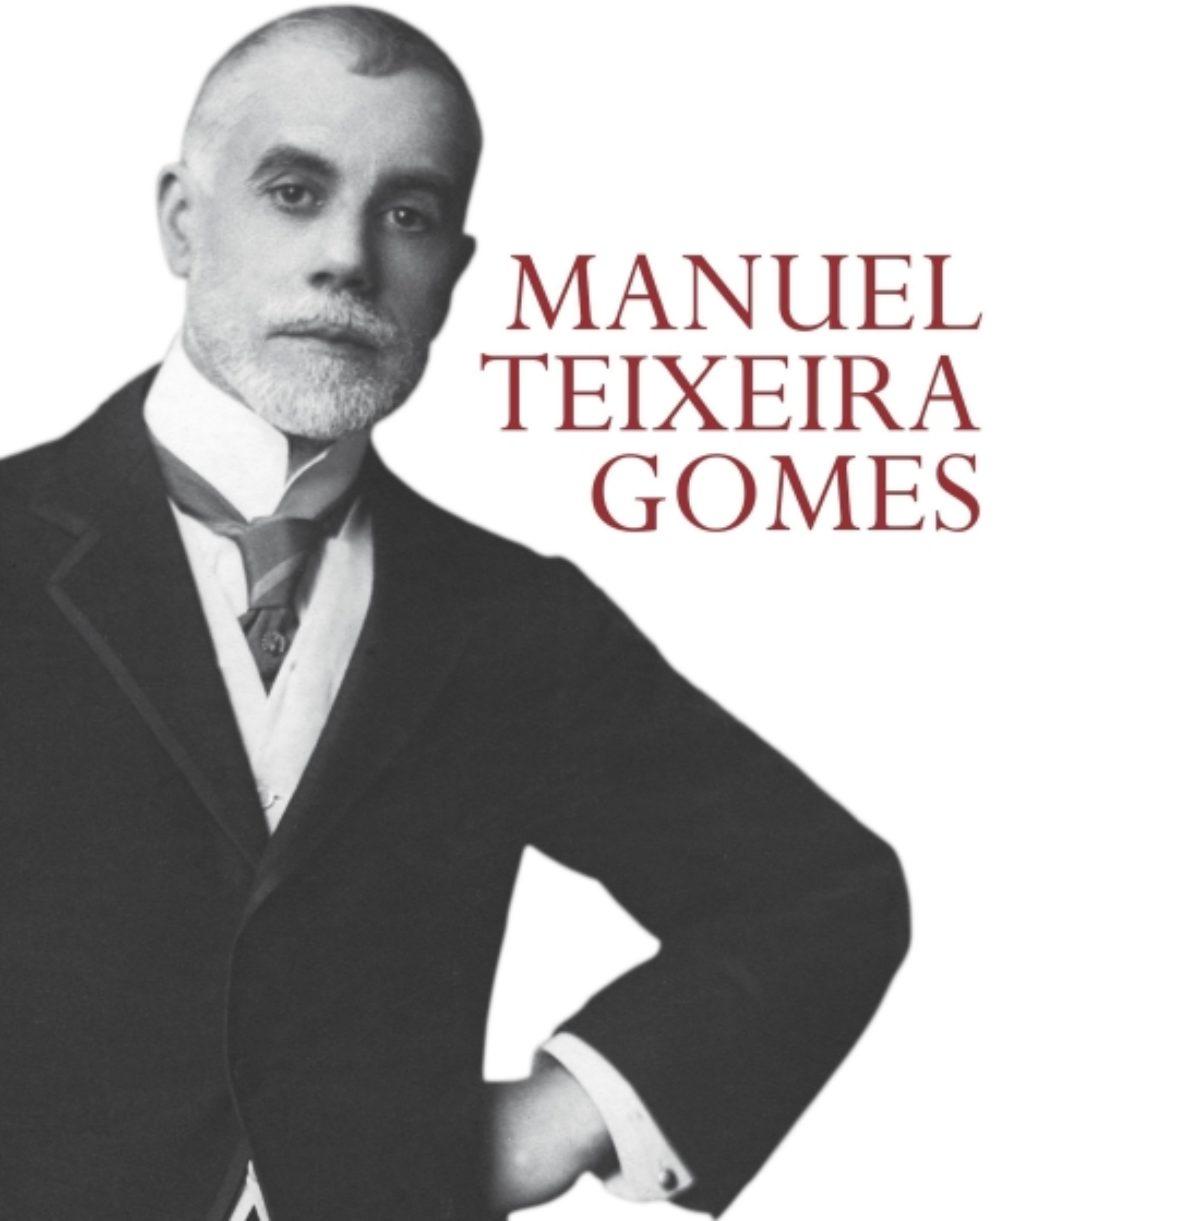 Biografia De Manuel Teixeira Gomes Desvenda Um Homem Fascinante